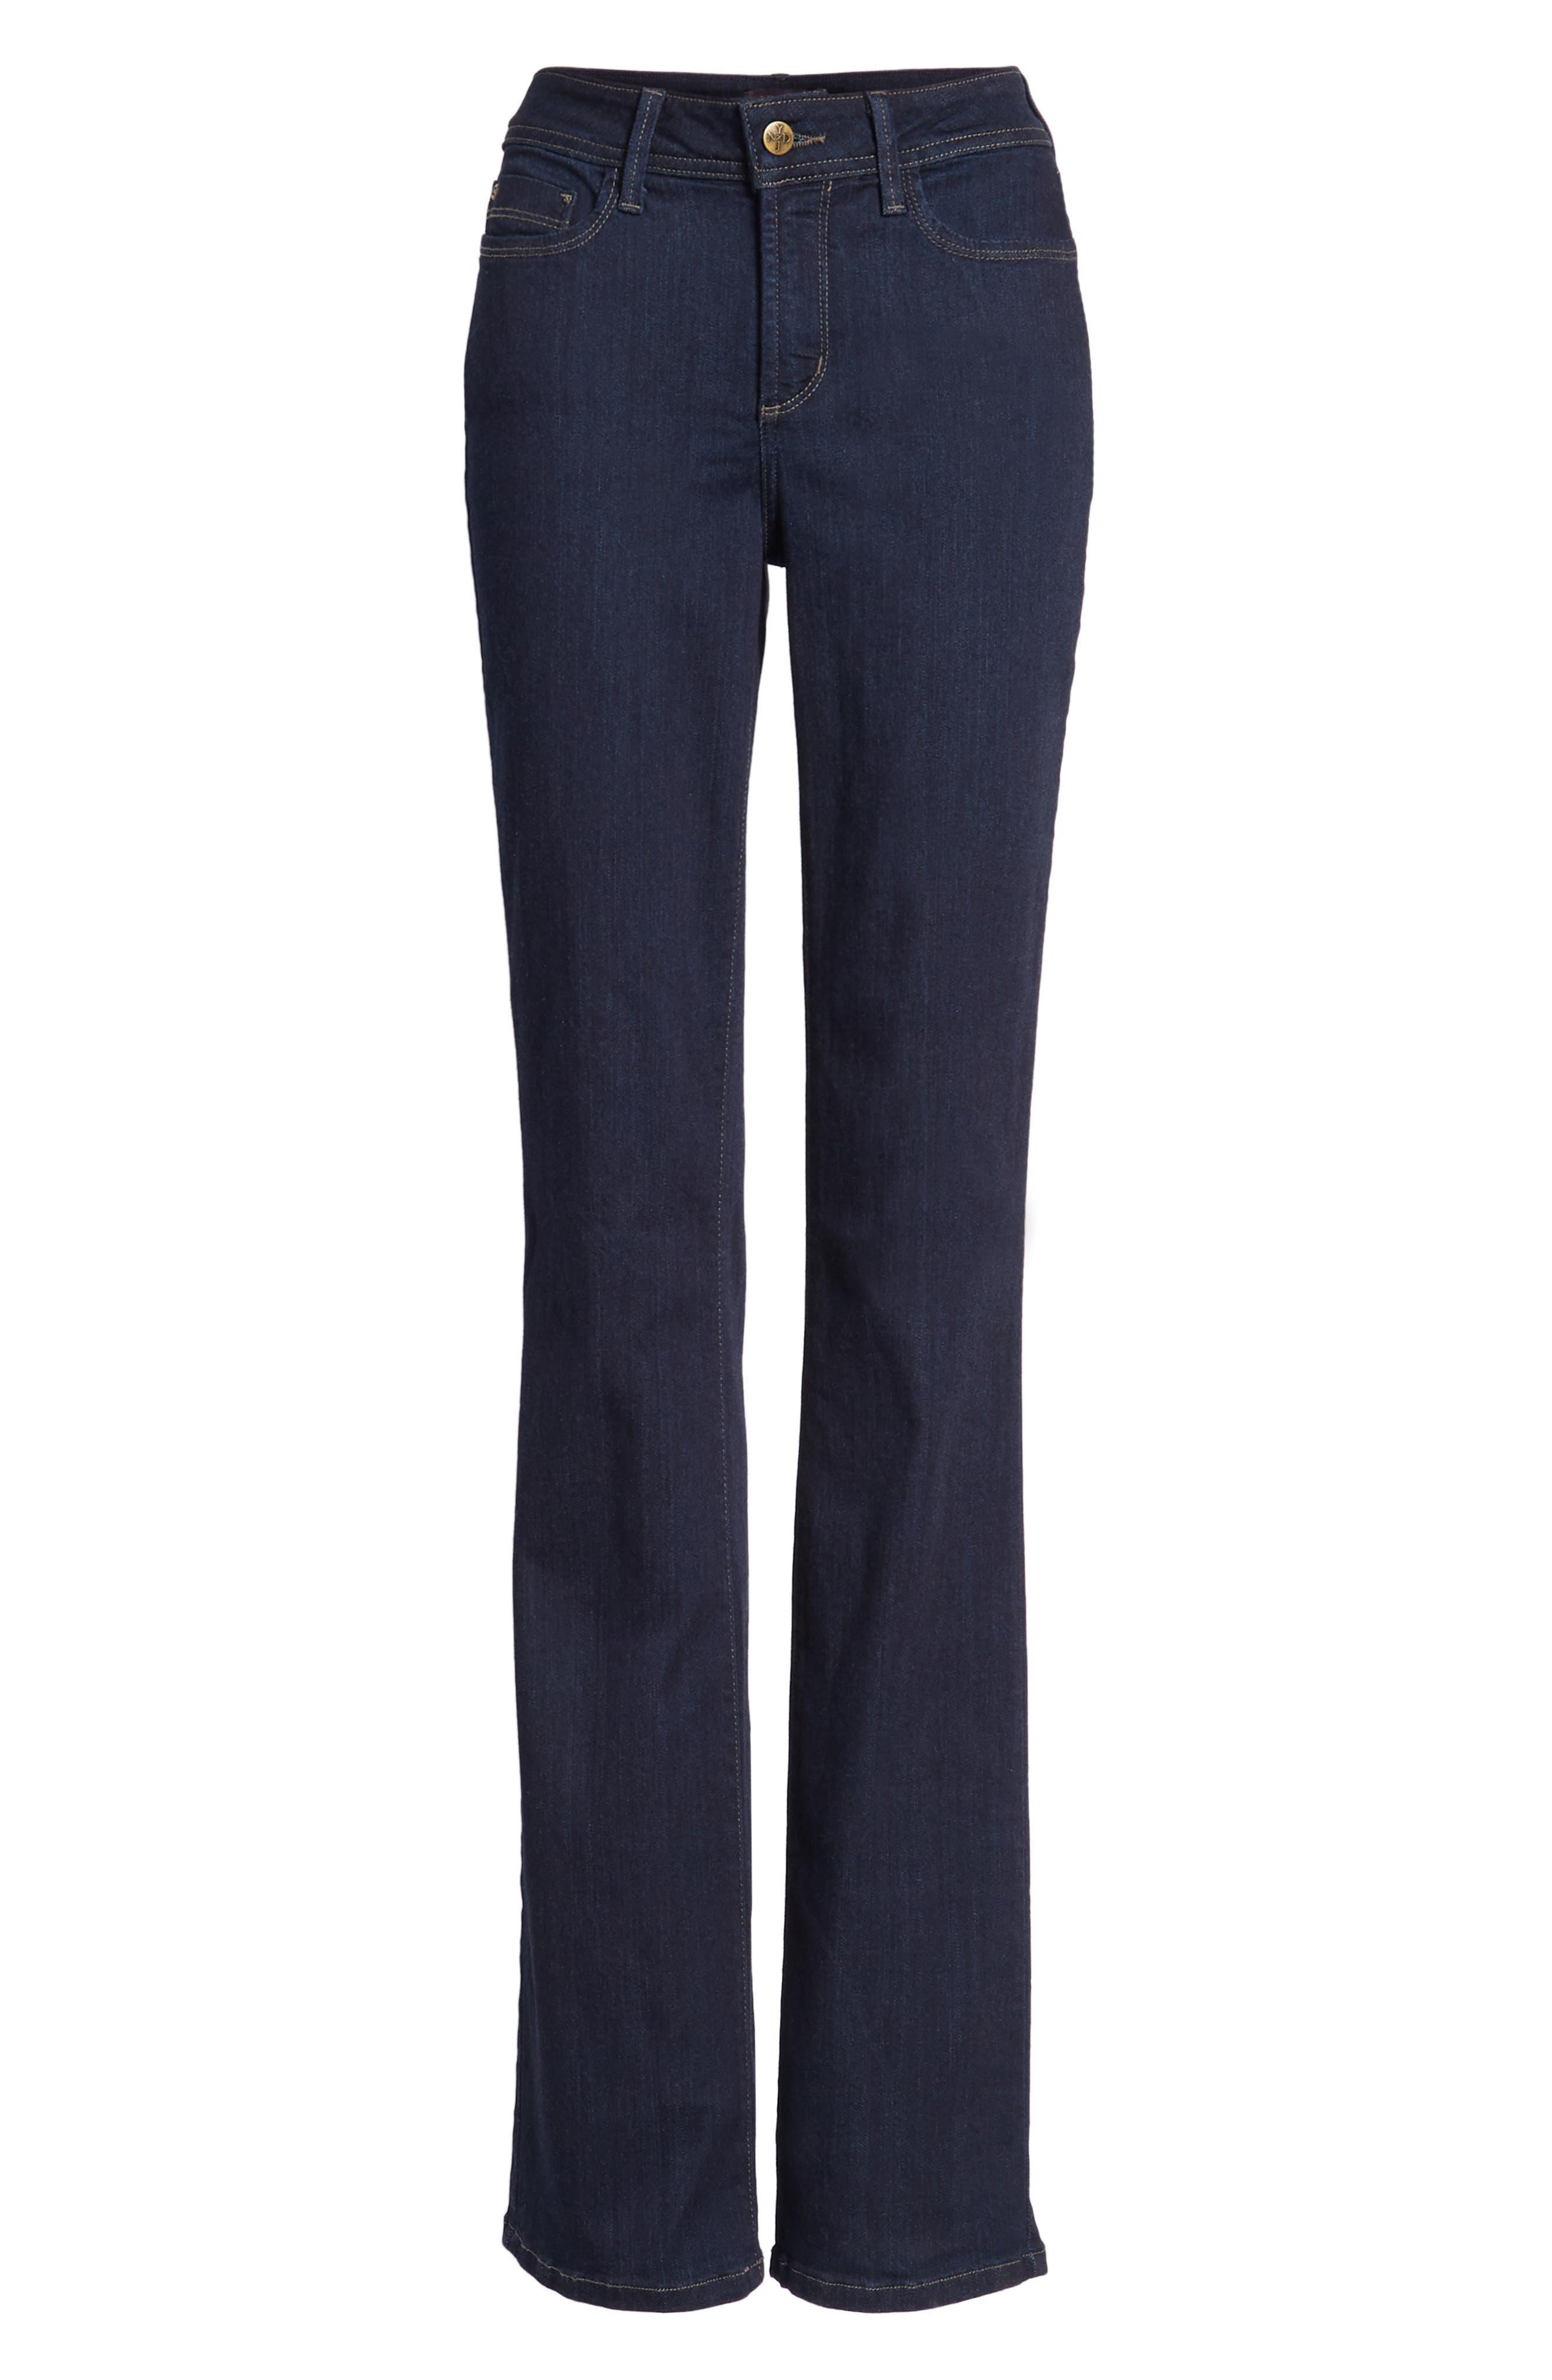 Billie Mini Bootcut Jeans,                             Alternate thumbnail 7, color,                             464